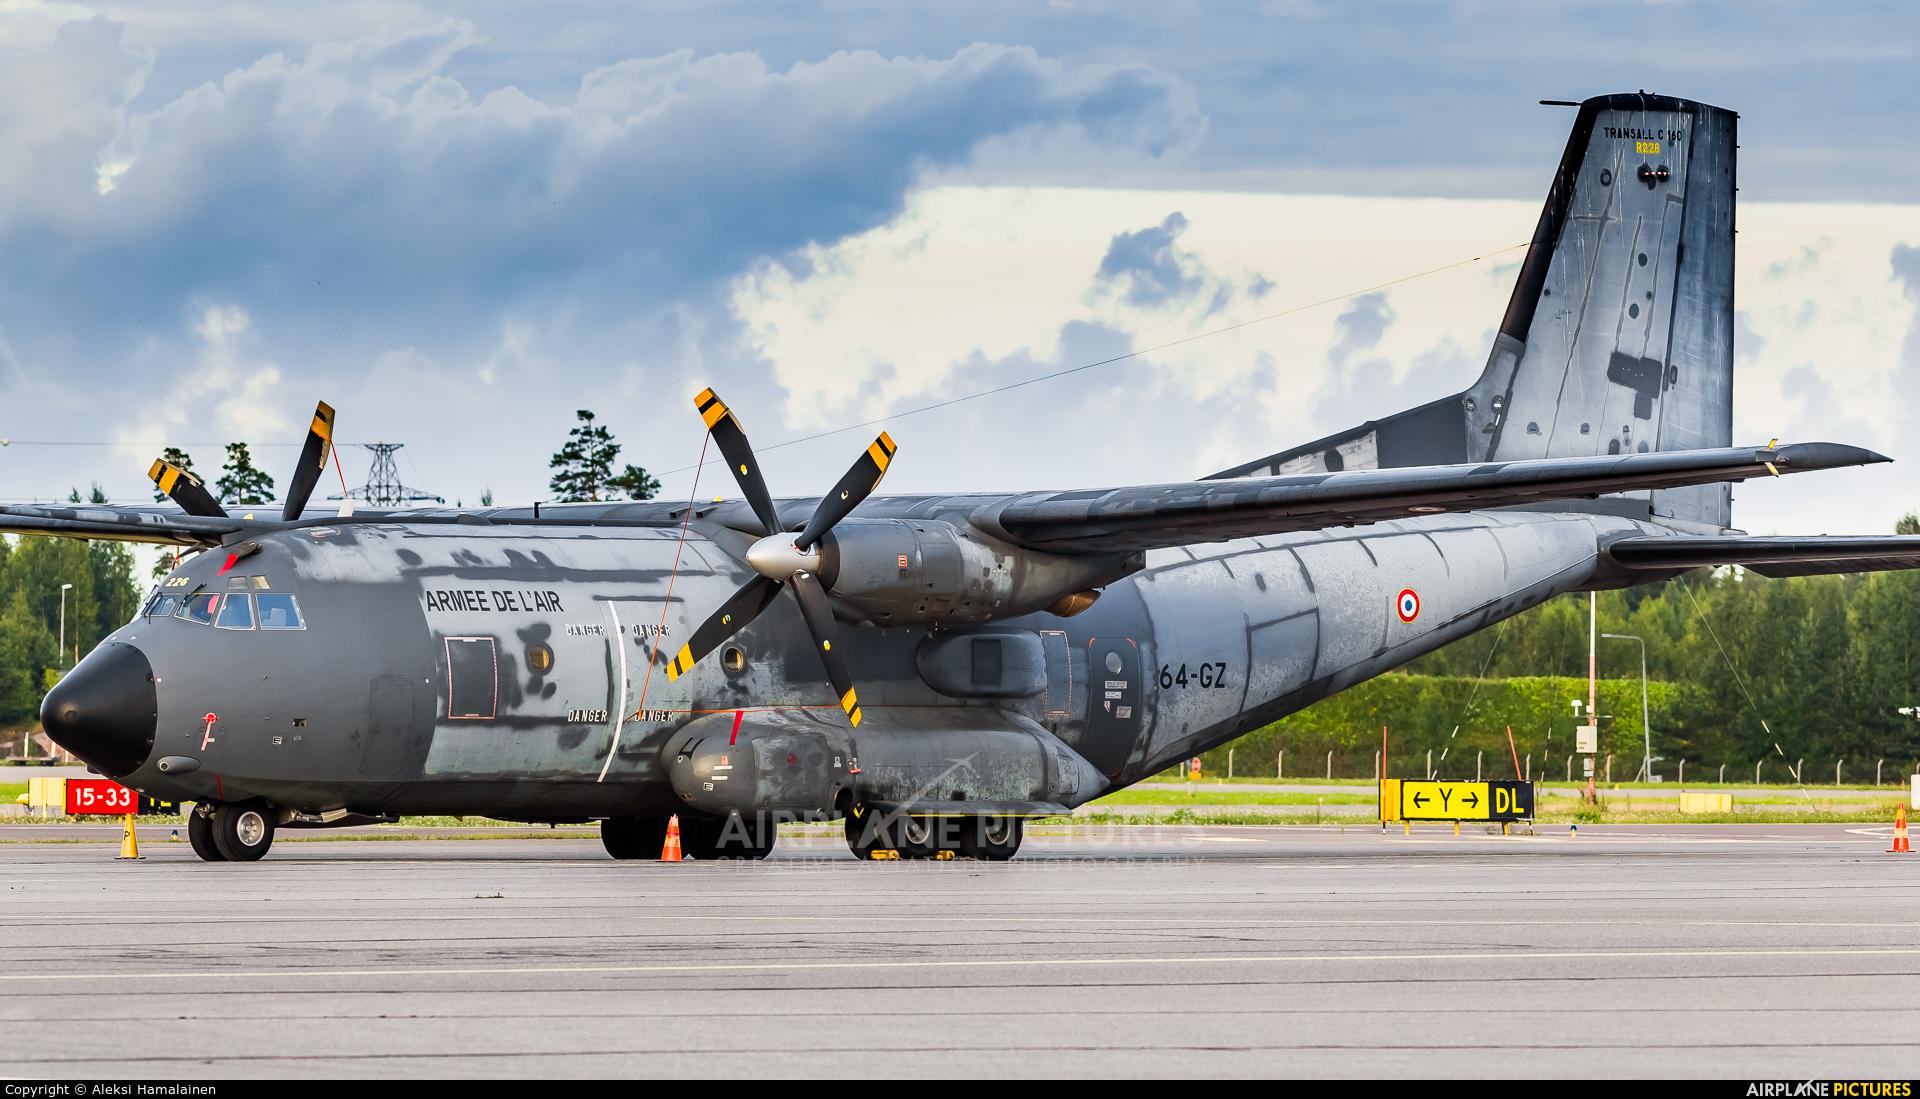 France - Air Force R226 aircraft at Helsinki - Vantaa